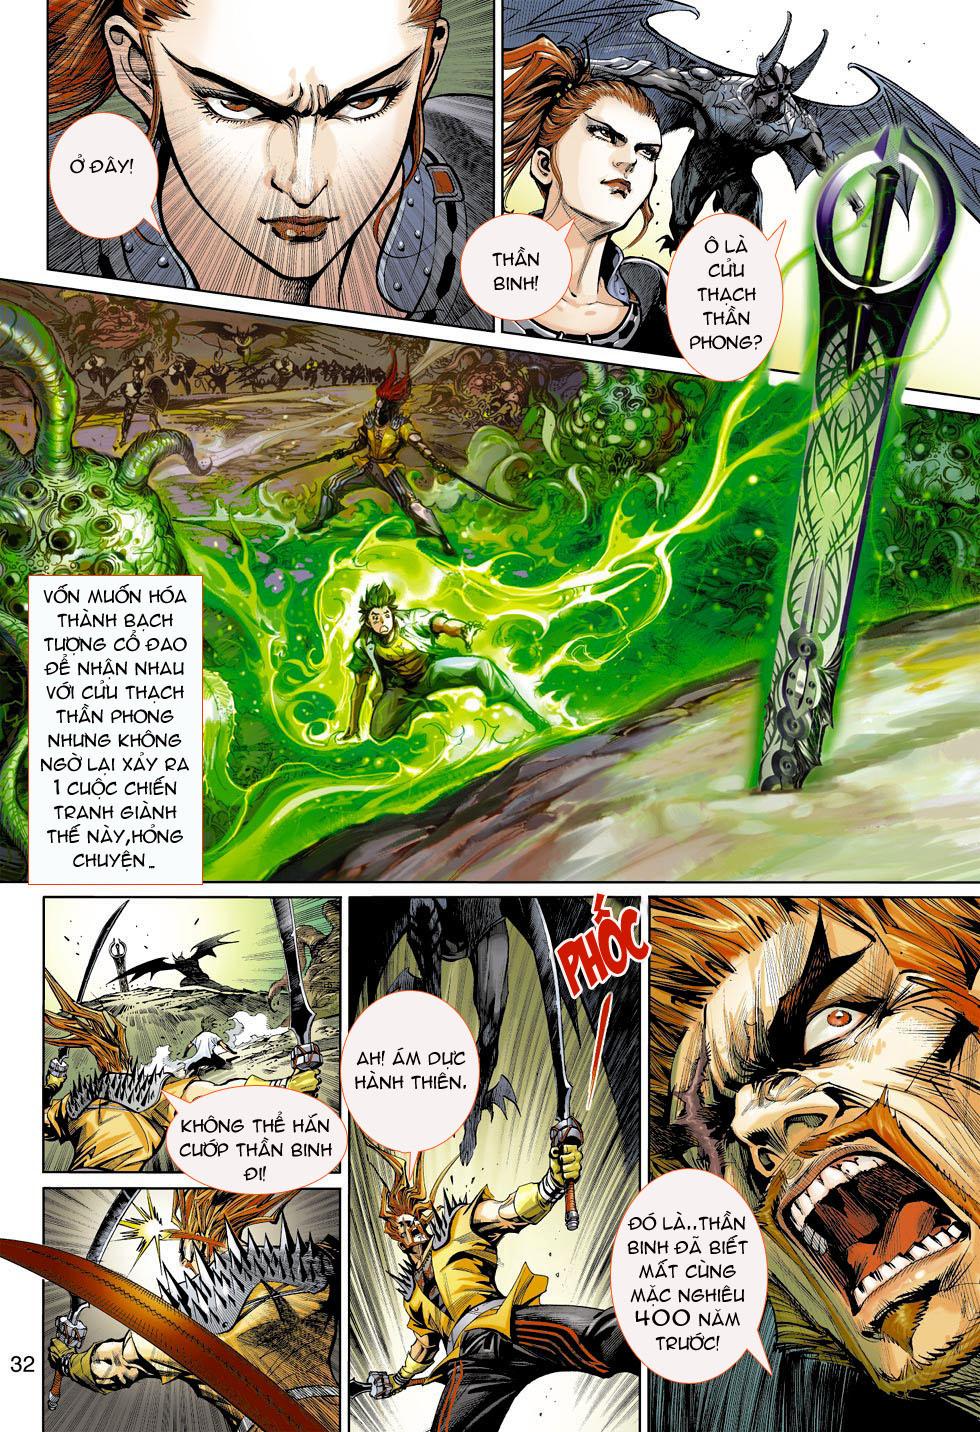 Thần Binh 4 chap 4 - Trang 32